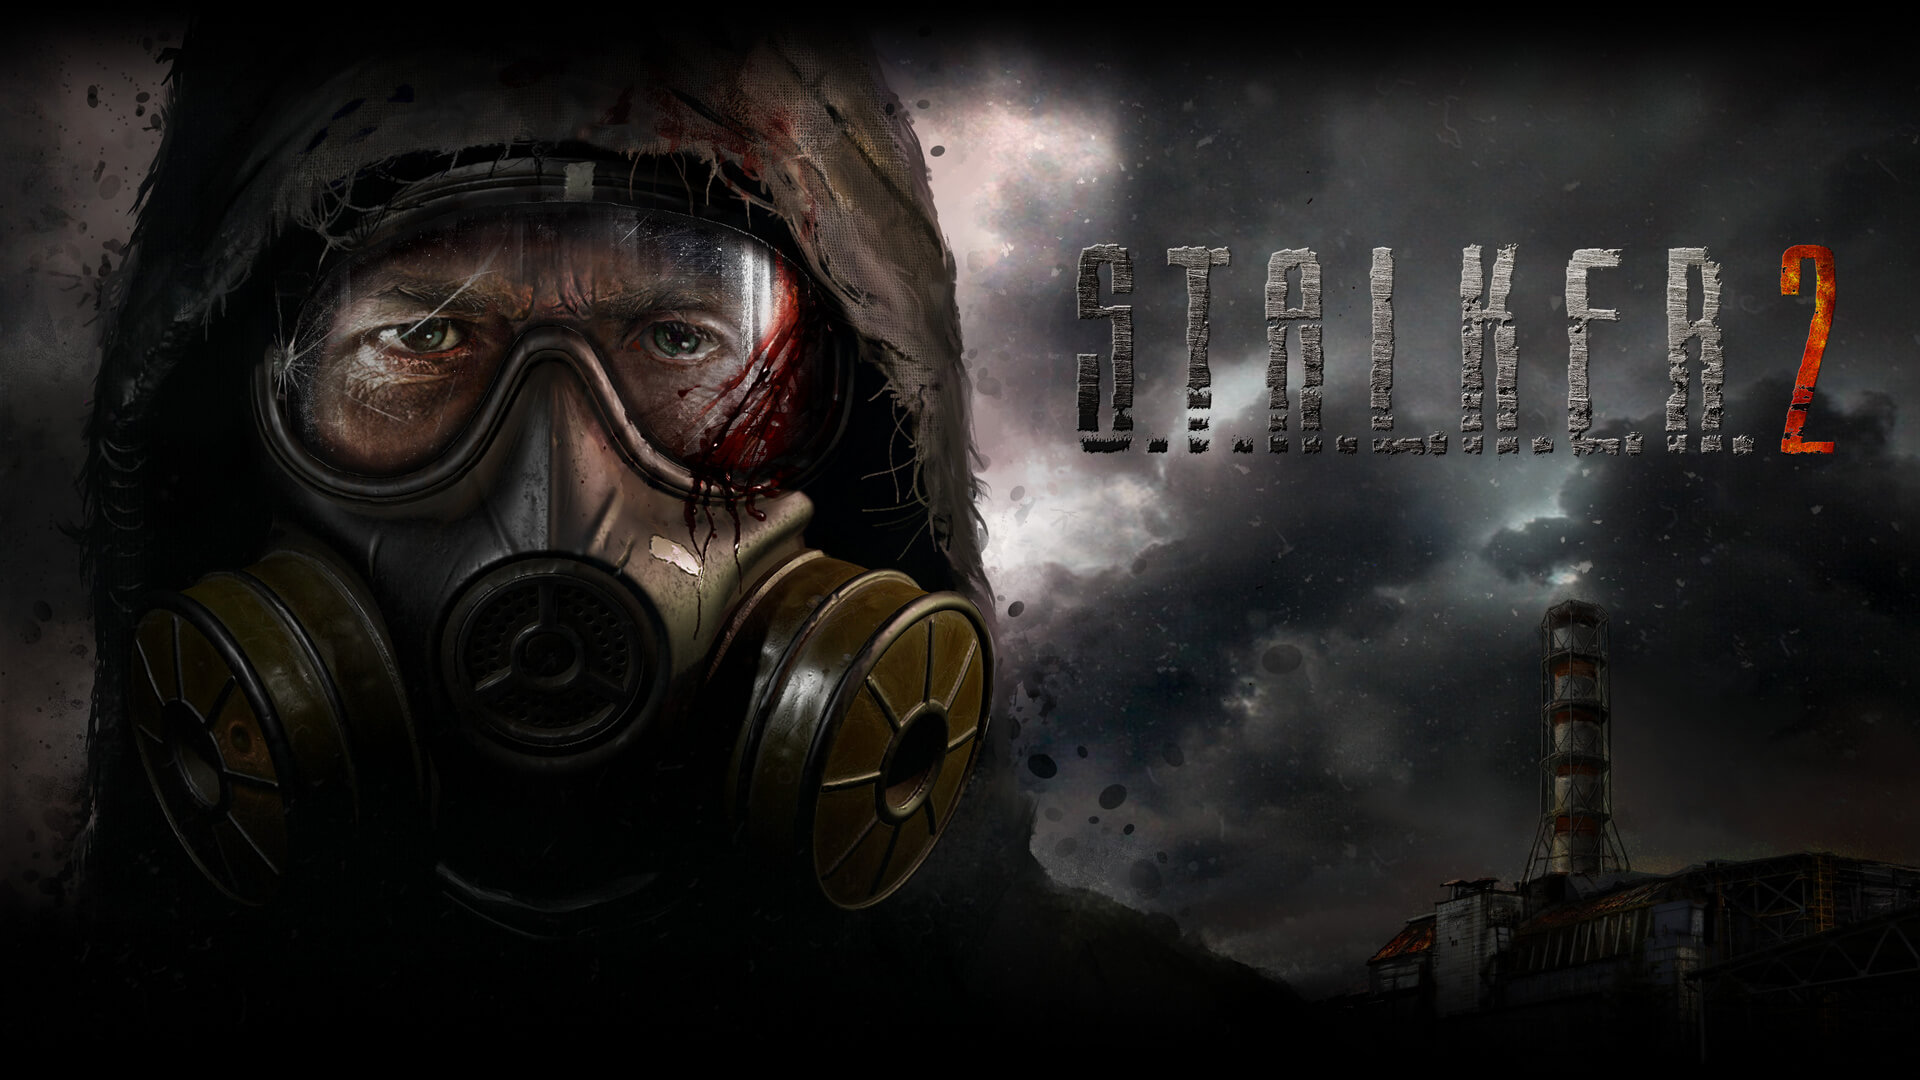 【S.T.A.L.K.E.R.2】発売日はいつ?予約特典とゲーム内容